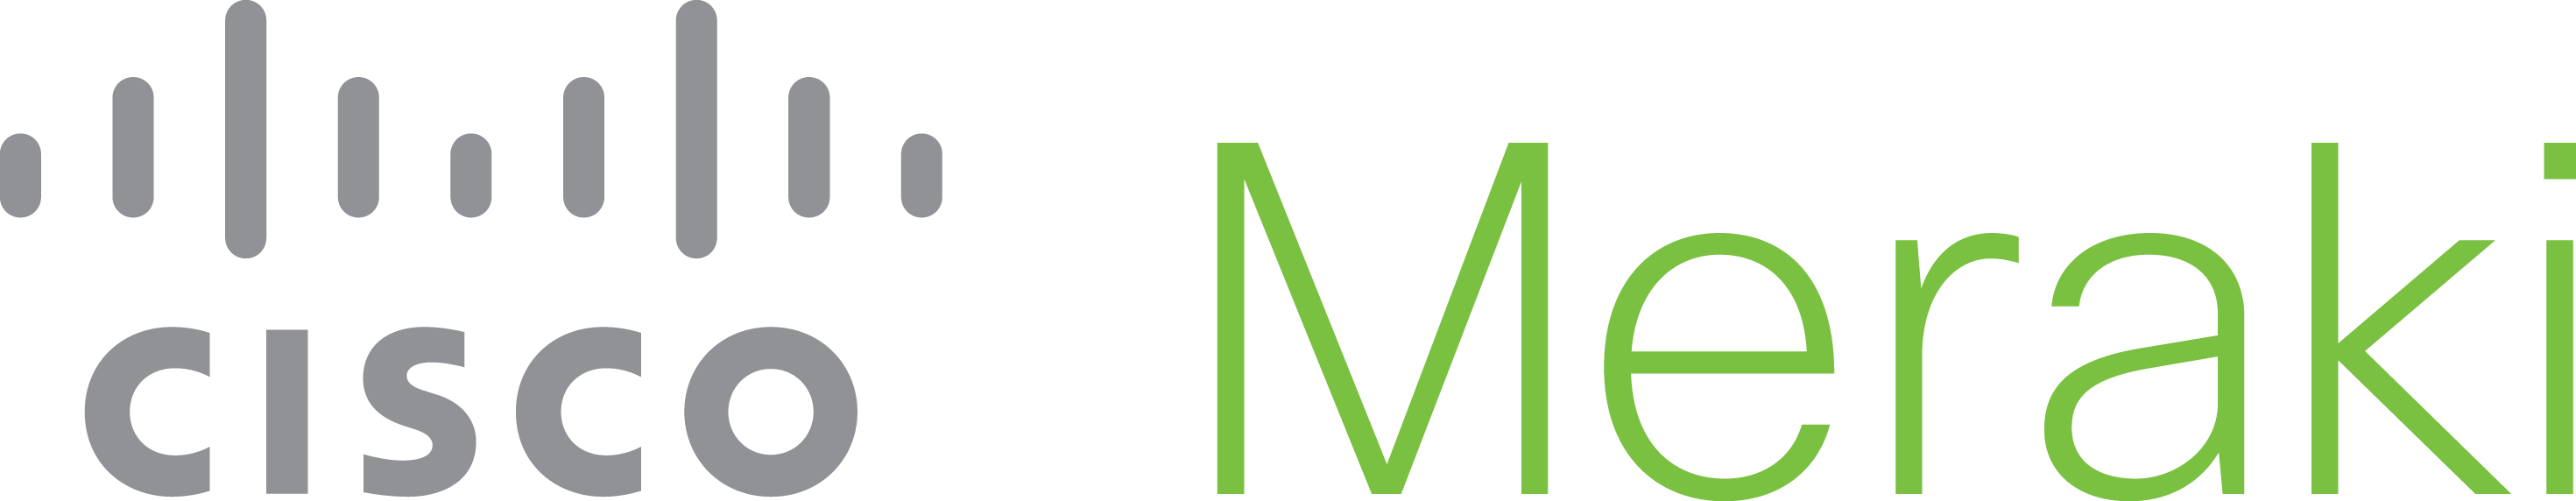 cisco-png-logo-3772